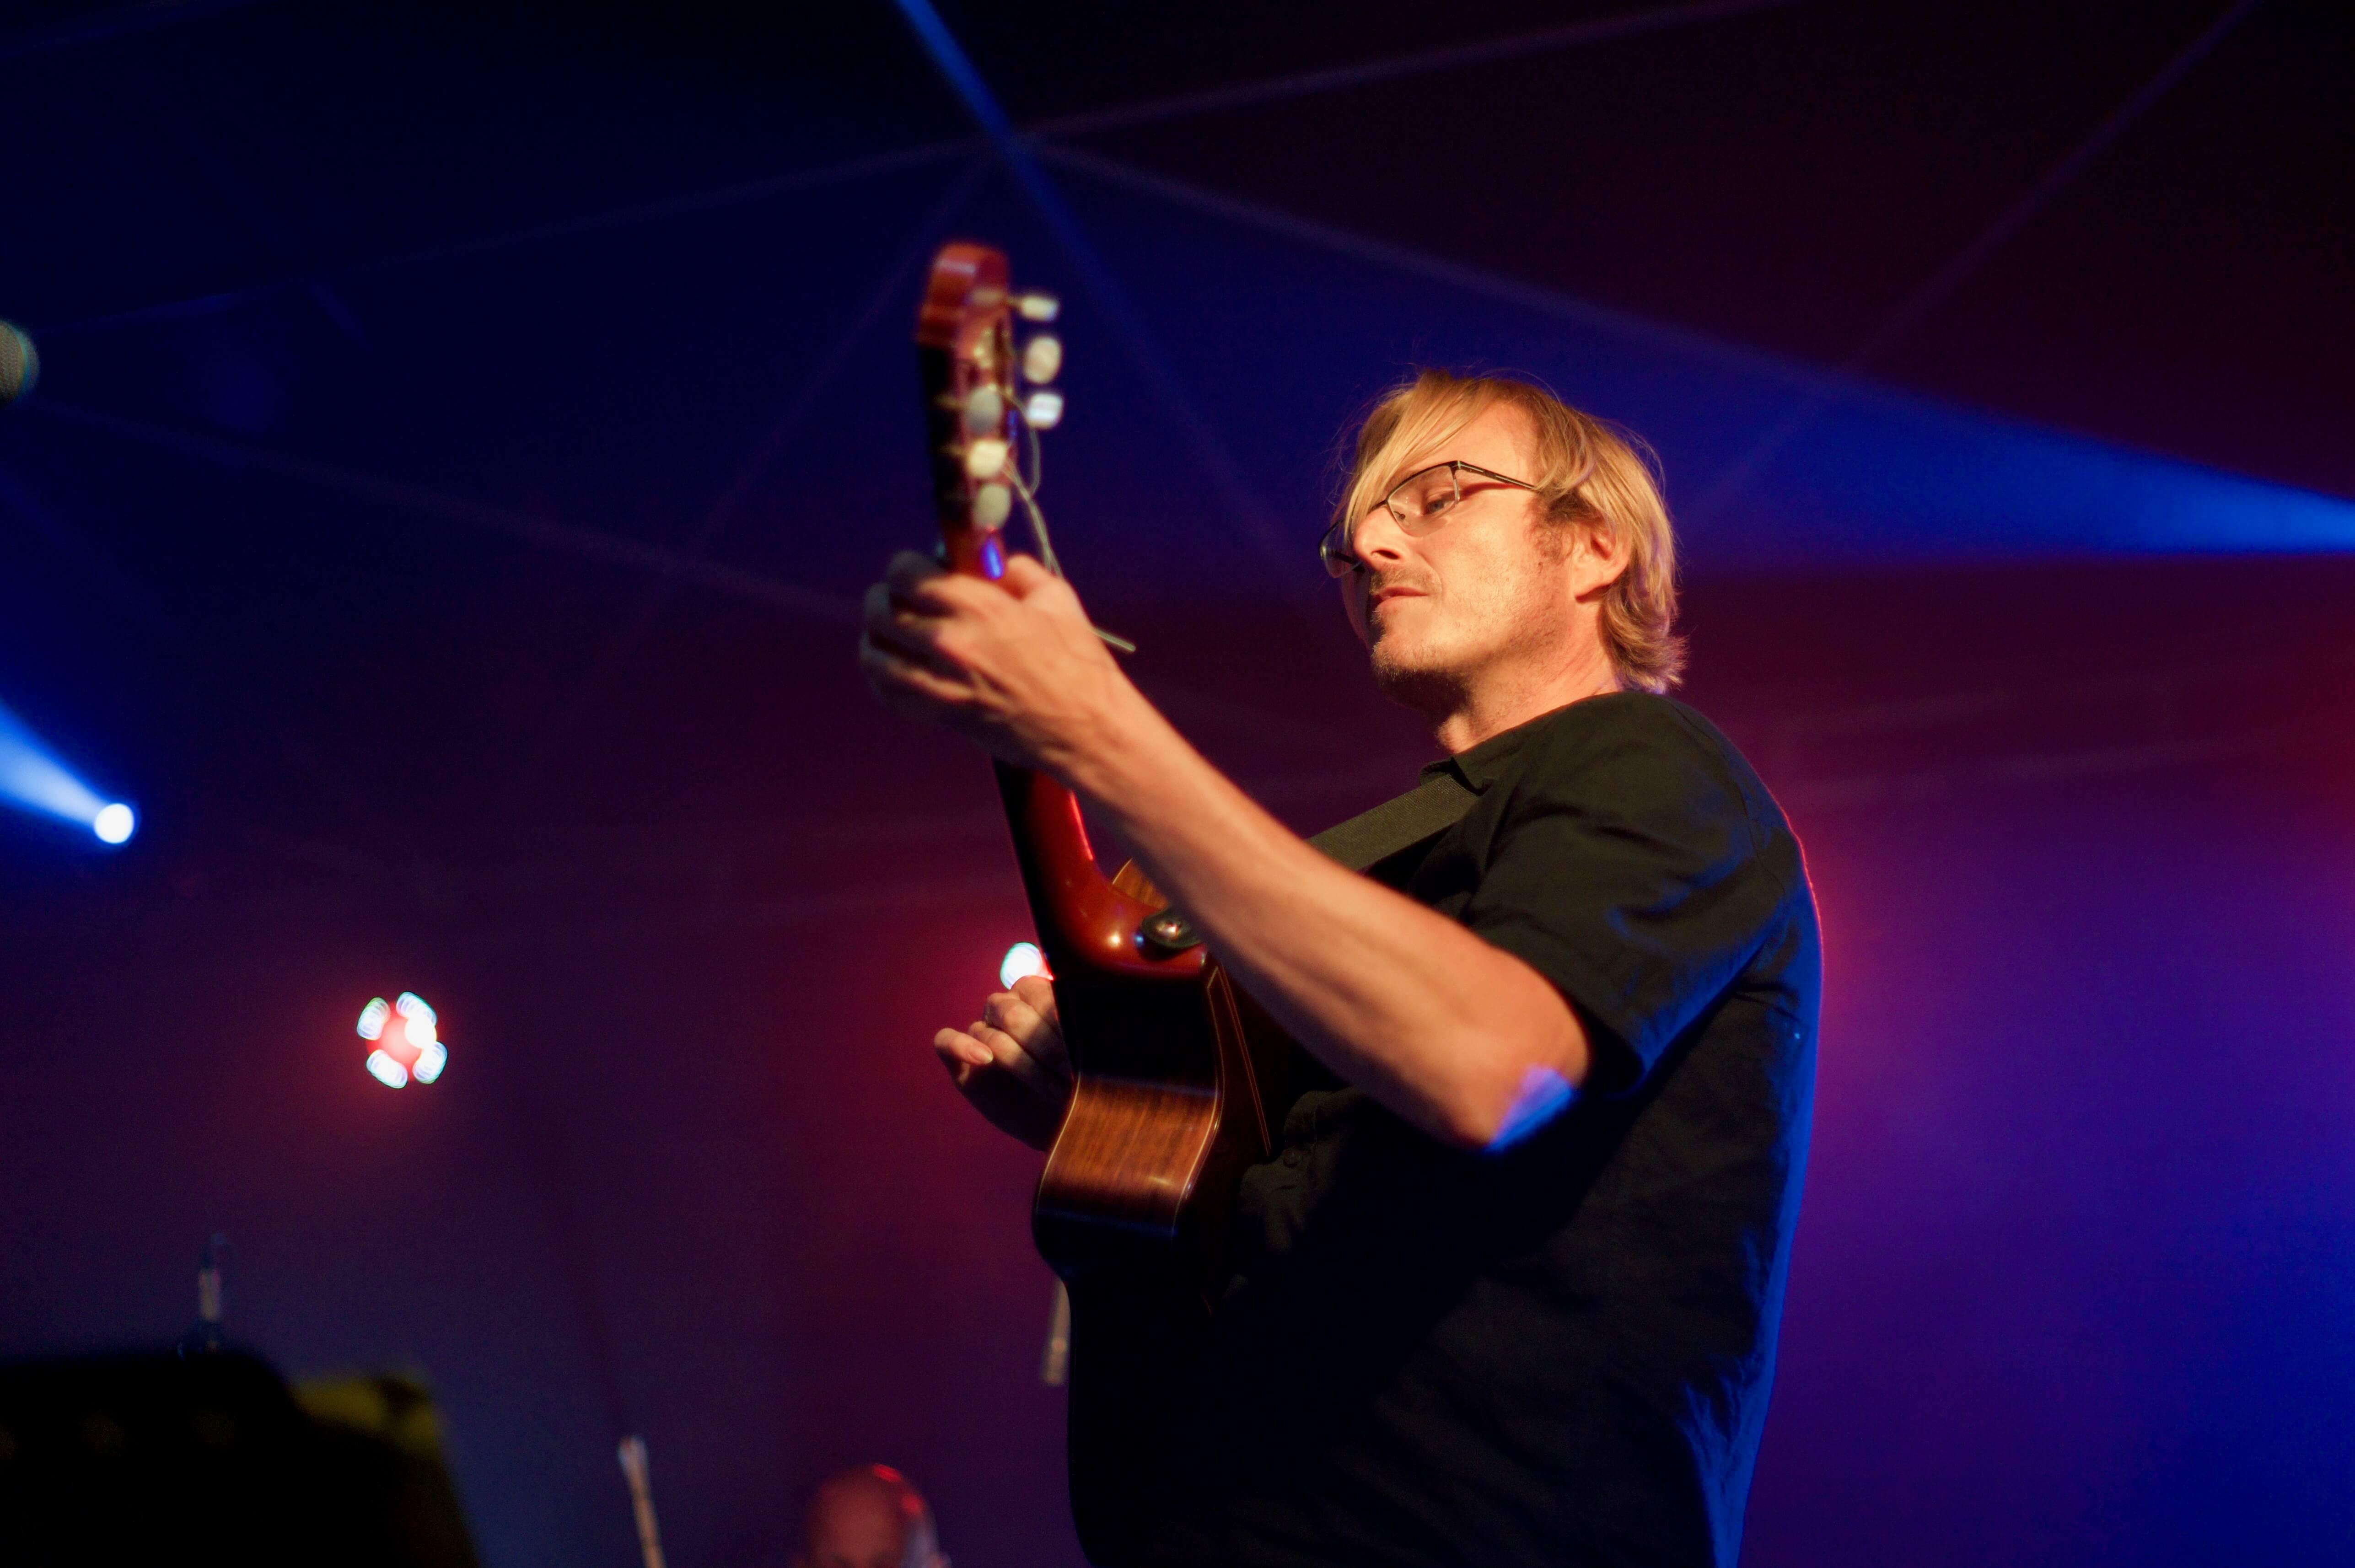 Guitariste bossa nova pour concert dans les hauts de france